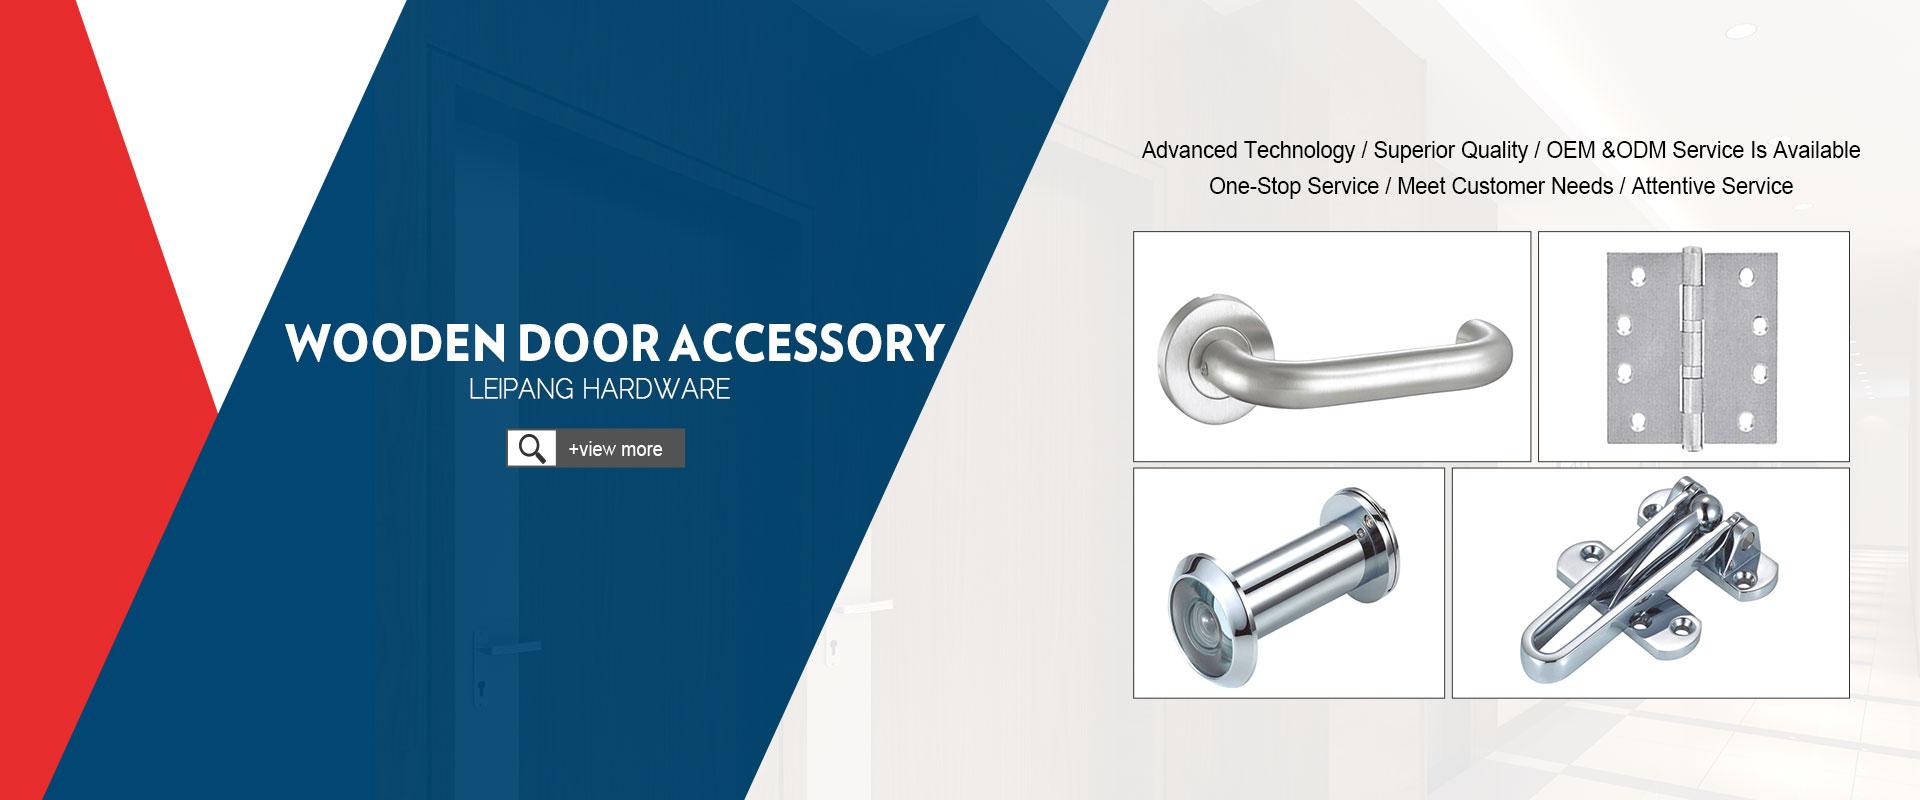 Wooden Door Accessory Series